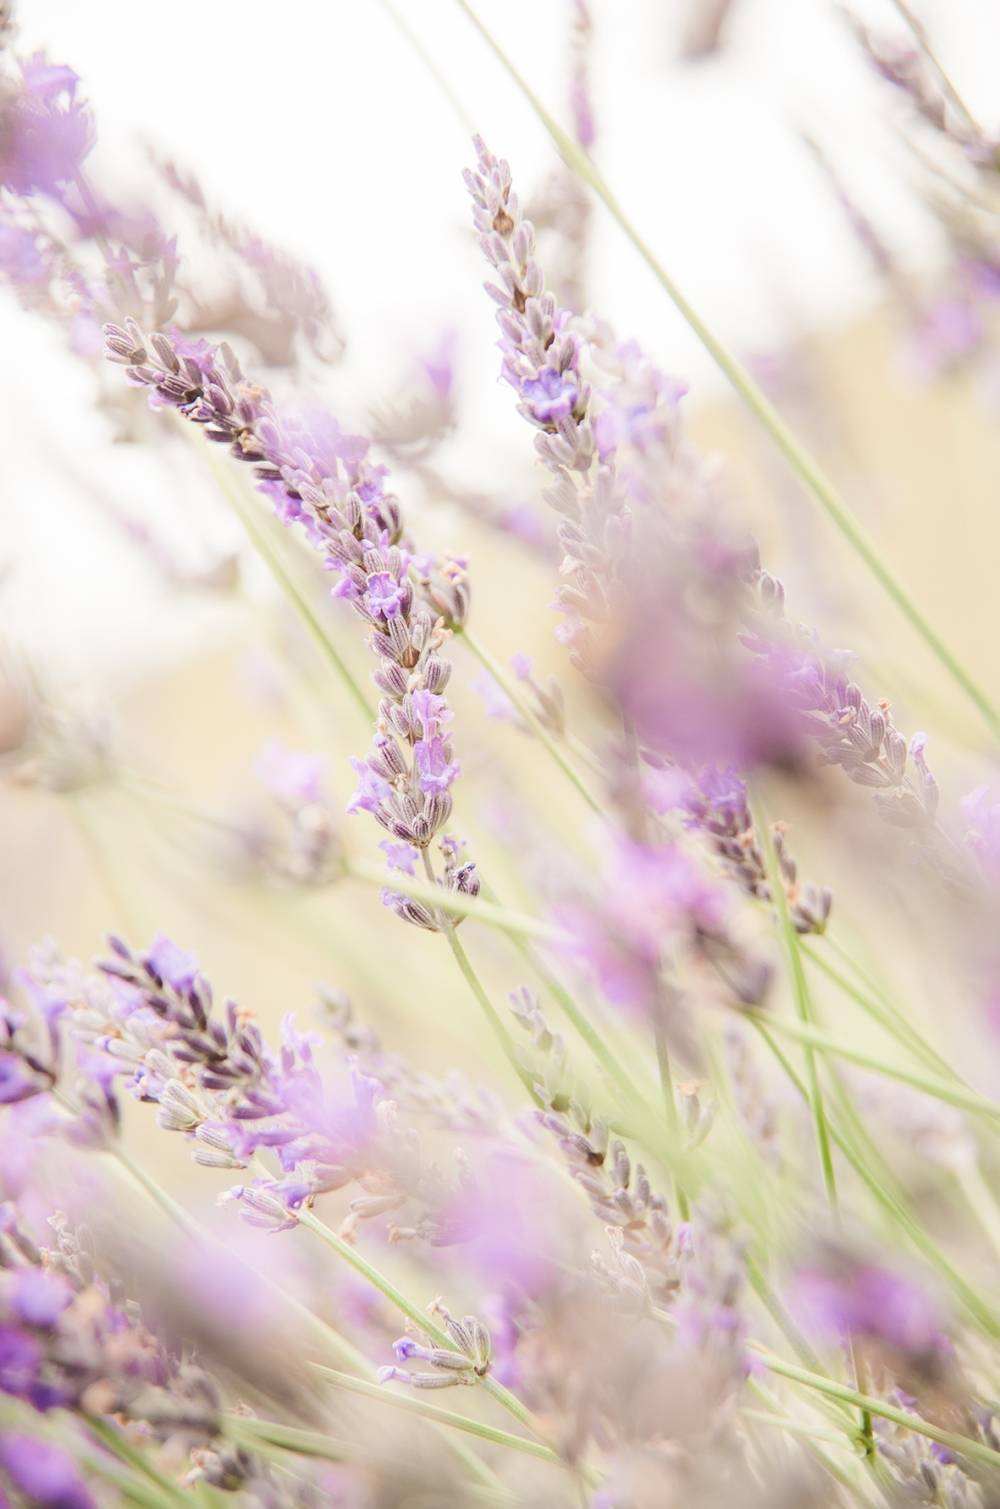 Serviço de Aromatização em Ambientes no Jardim Ângela - Aromatização de Ambientes Preço